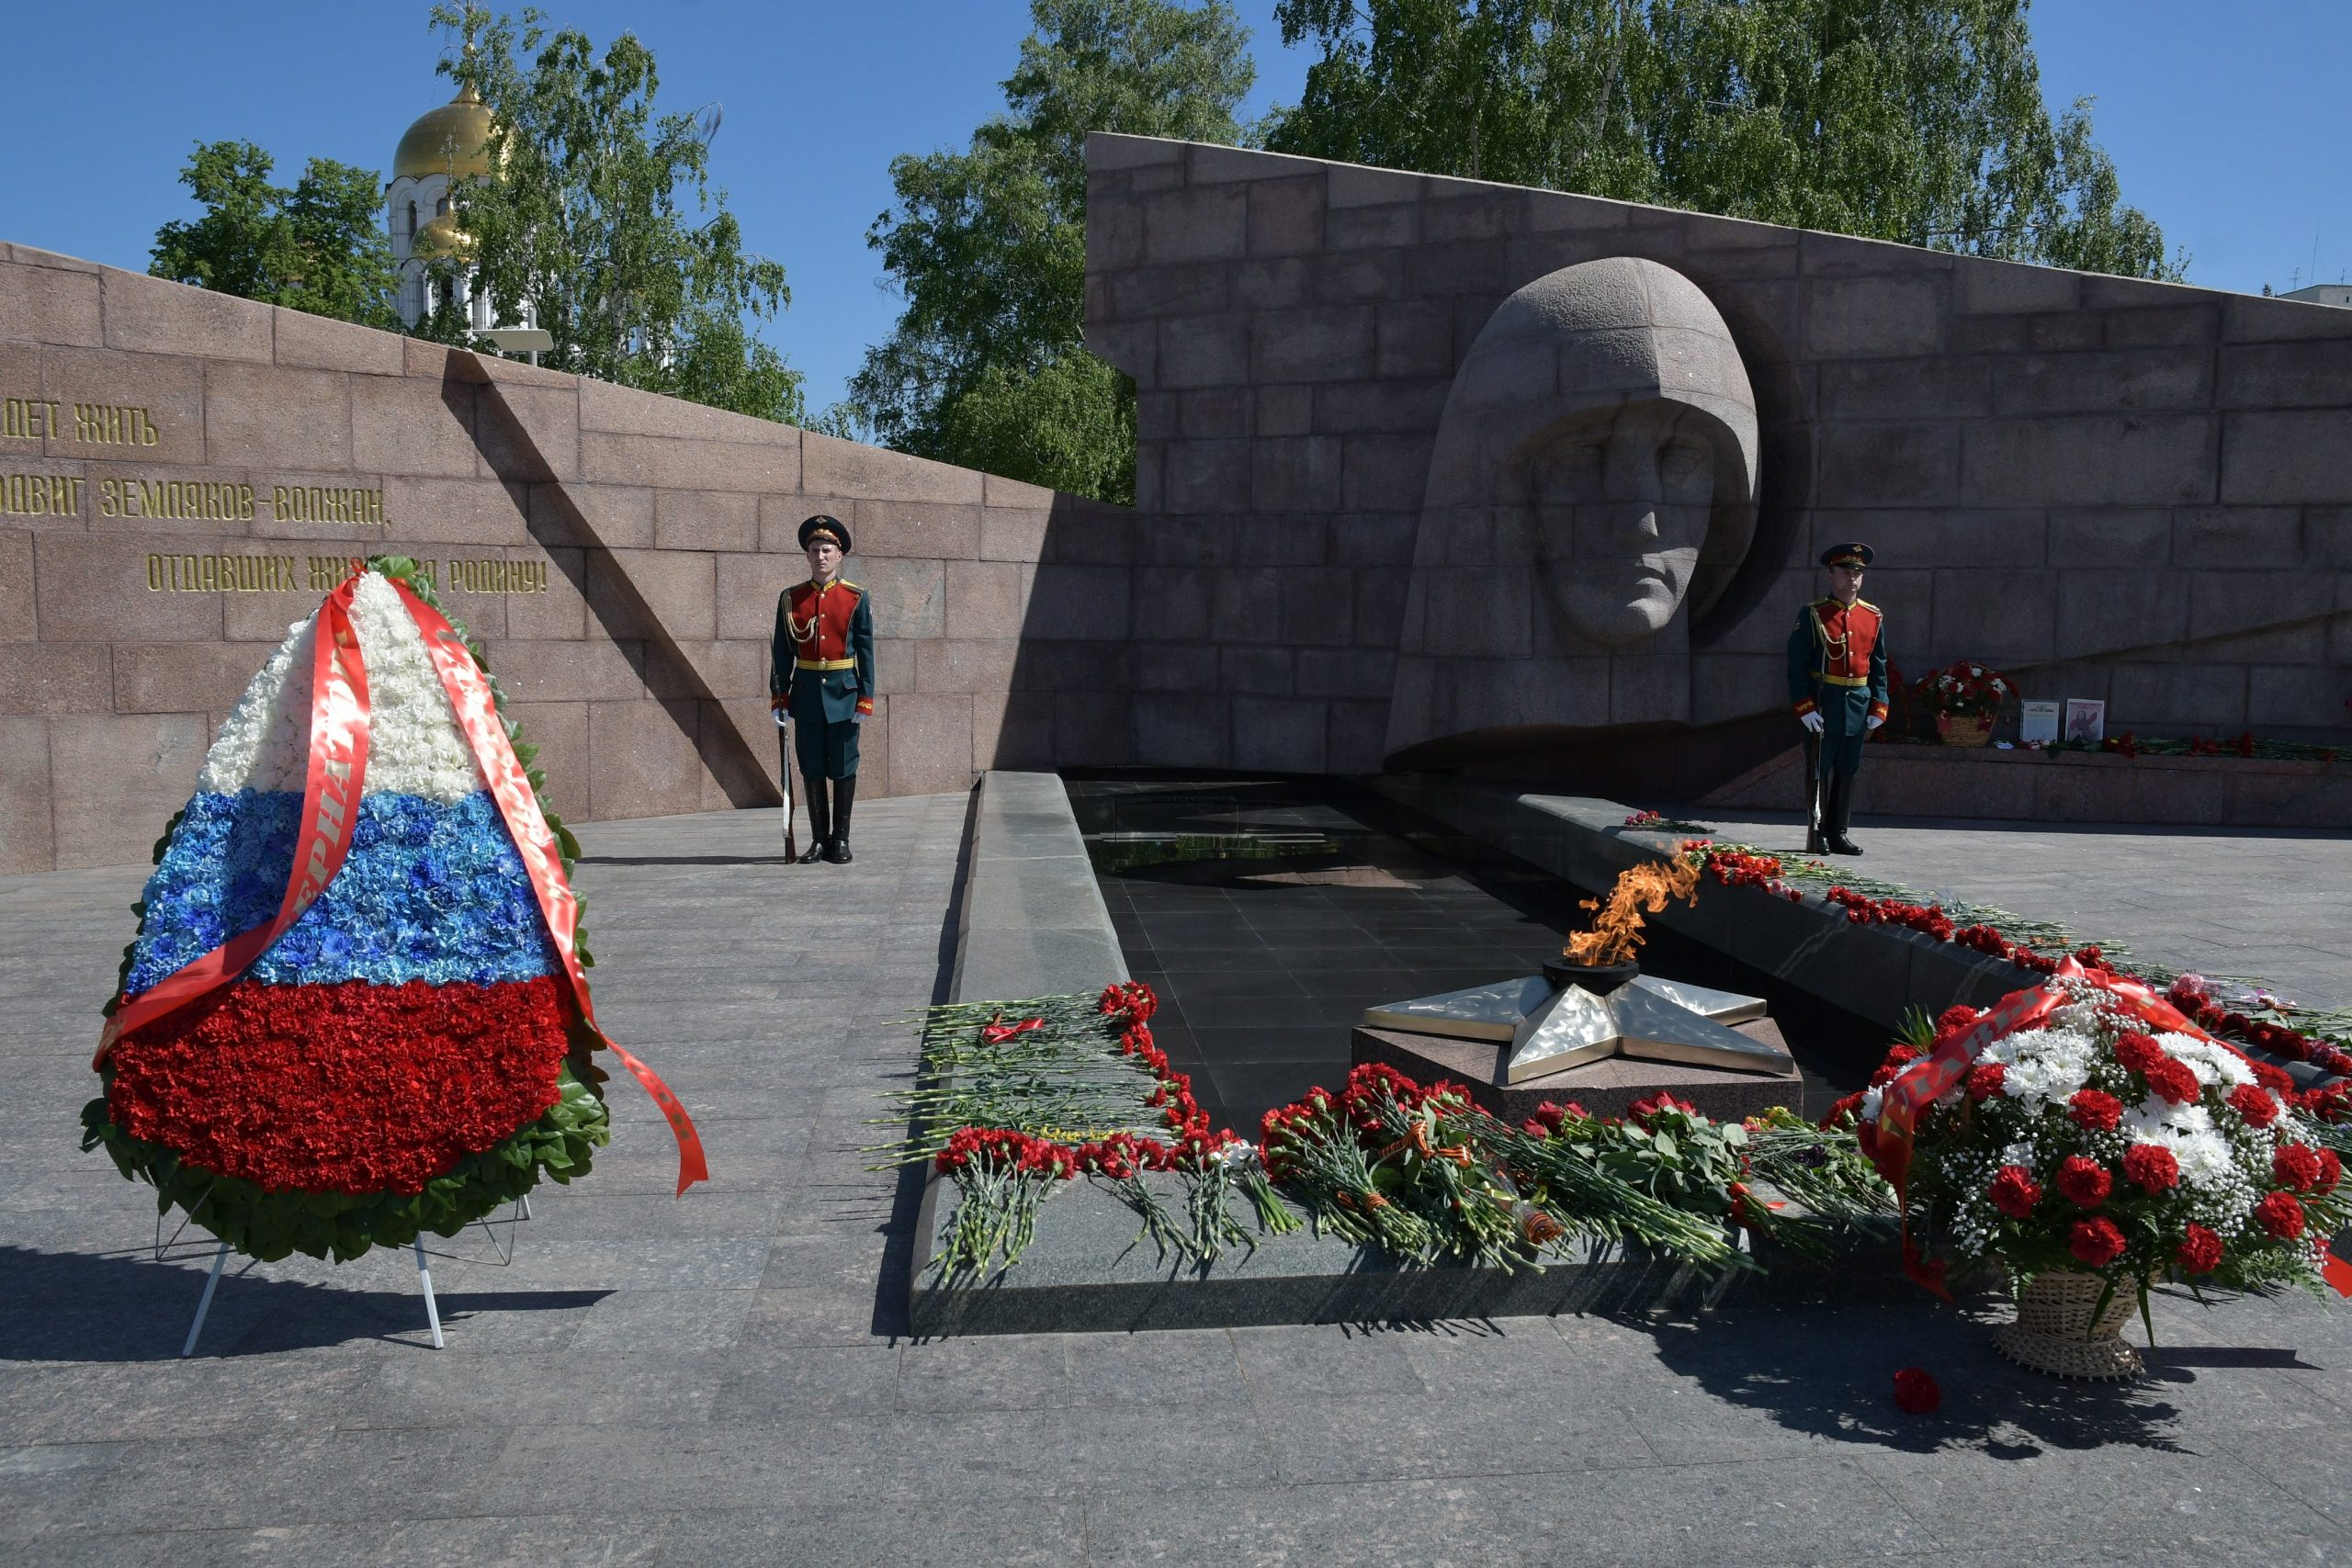 Дмитрий Азаров: «Мы вспомним каждого, кто отдал свою жизнь на фронте и в тылу, защищая нашу великую Родину»